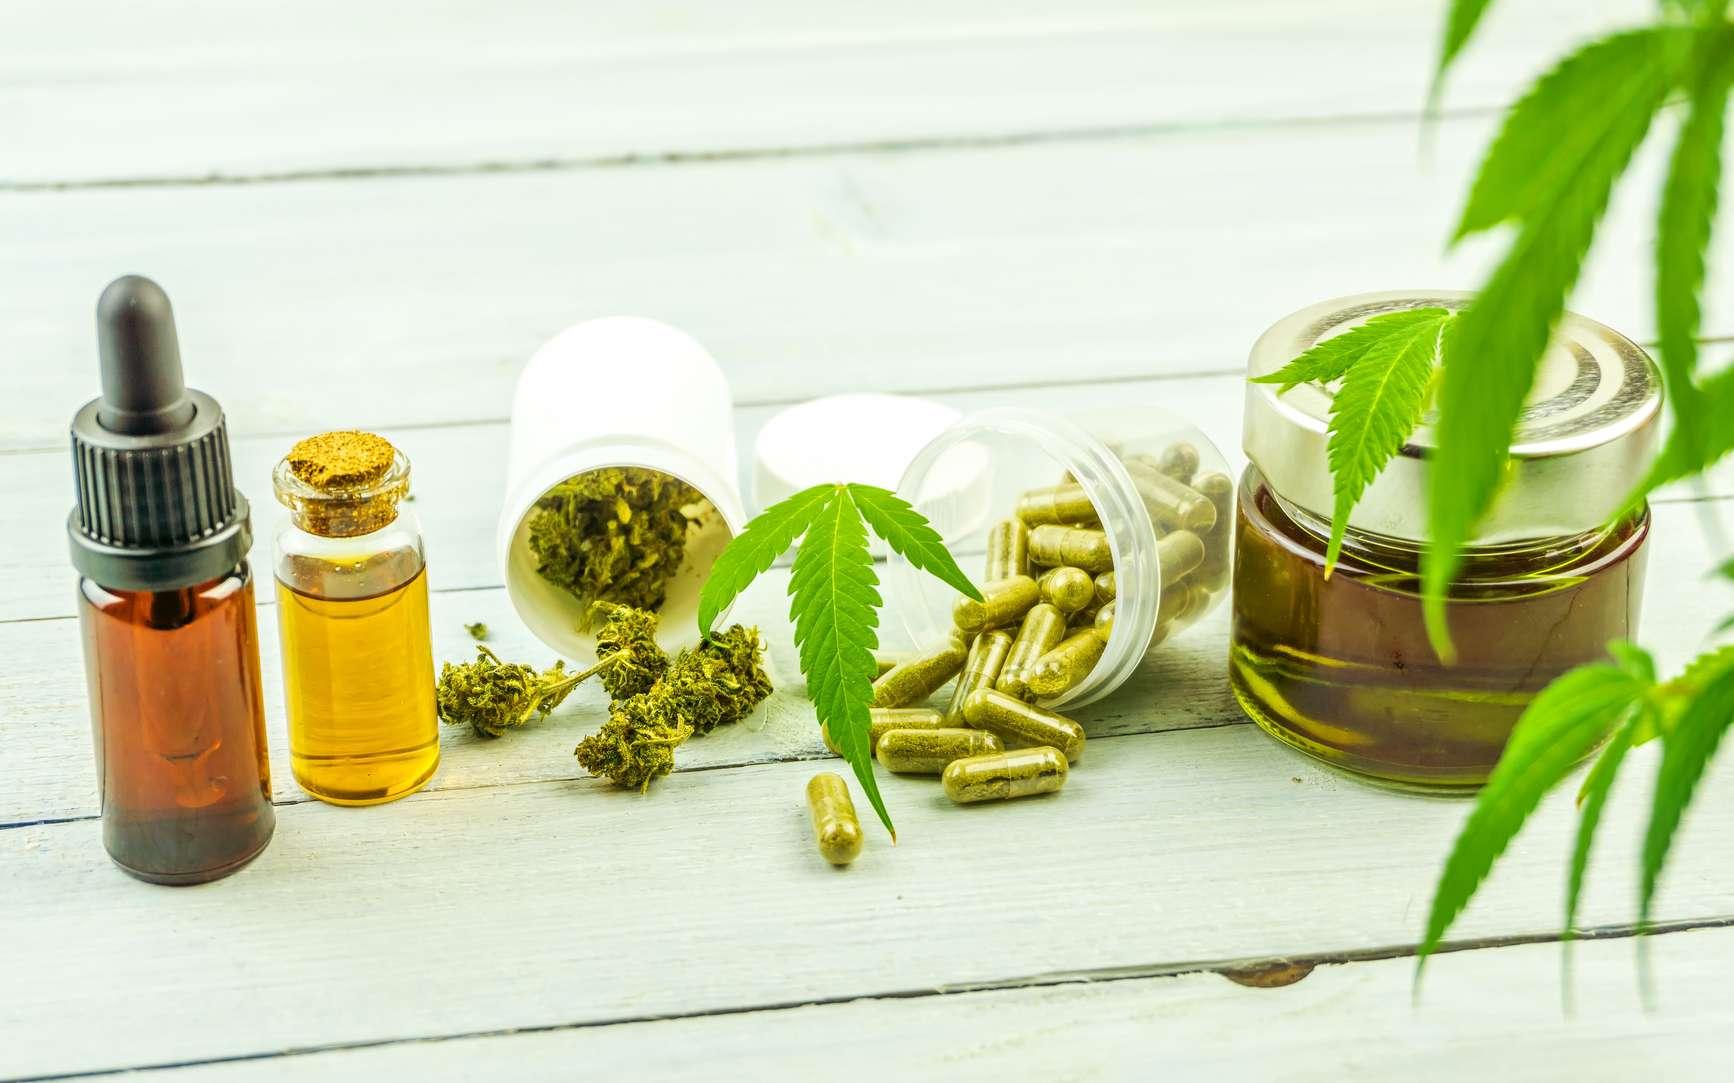 Du cannabidiol, un des composés principal du cannabis, sous différentes formes (huiles, fleurs, gélules et crèmes). © Mysteryshot, Fotolia